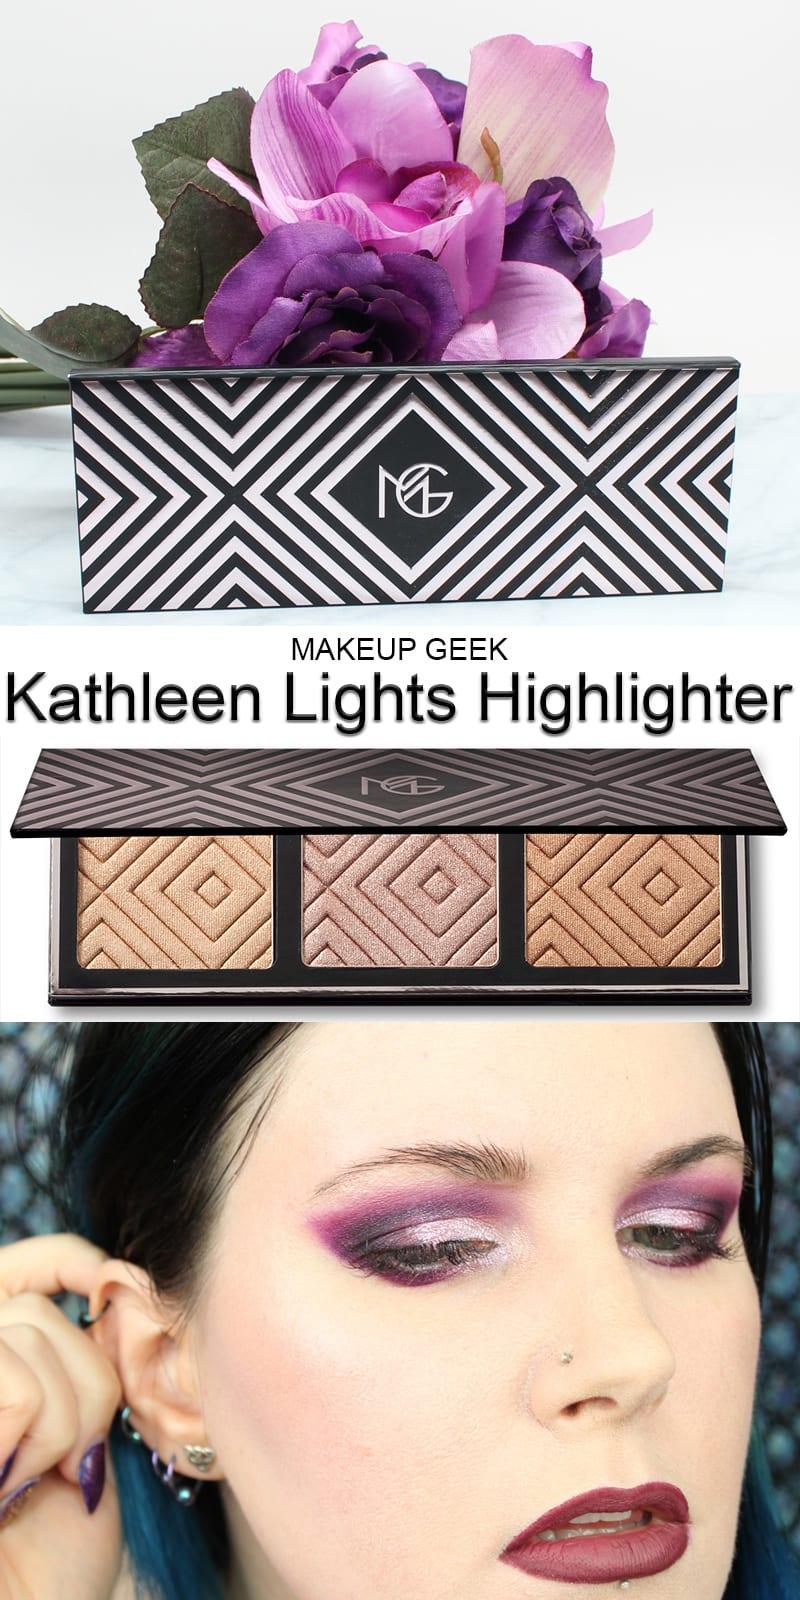 Makeup Geek Kathleen Lights Highlighter Palette Swatches